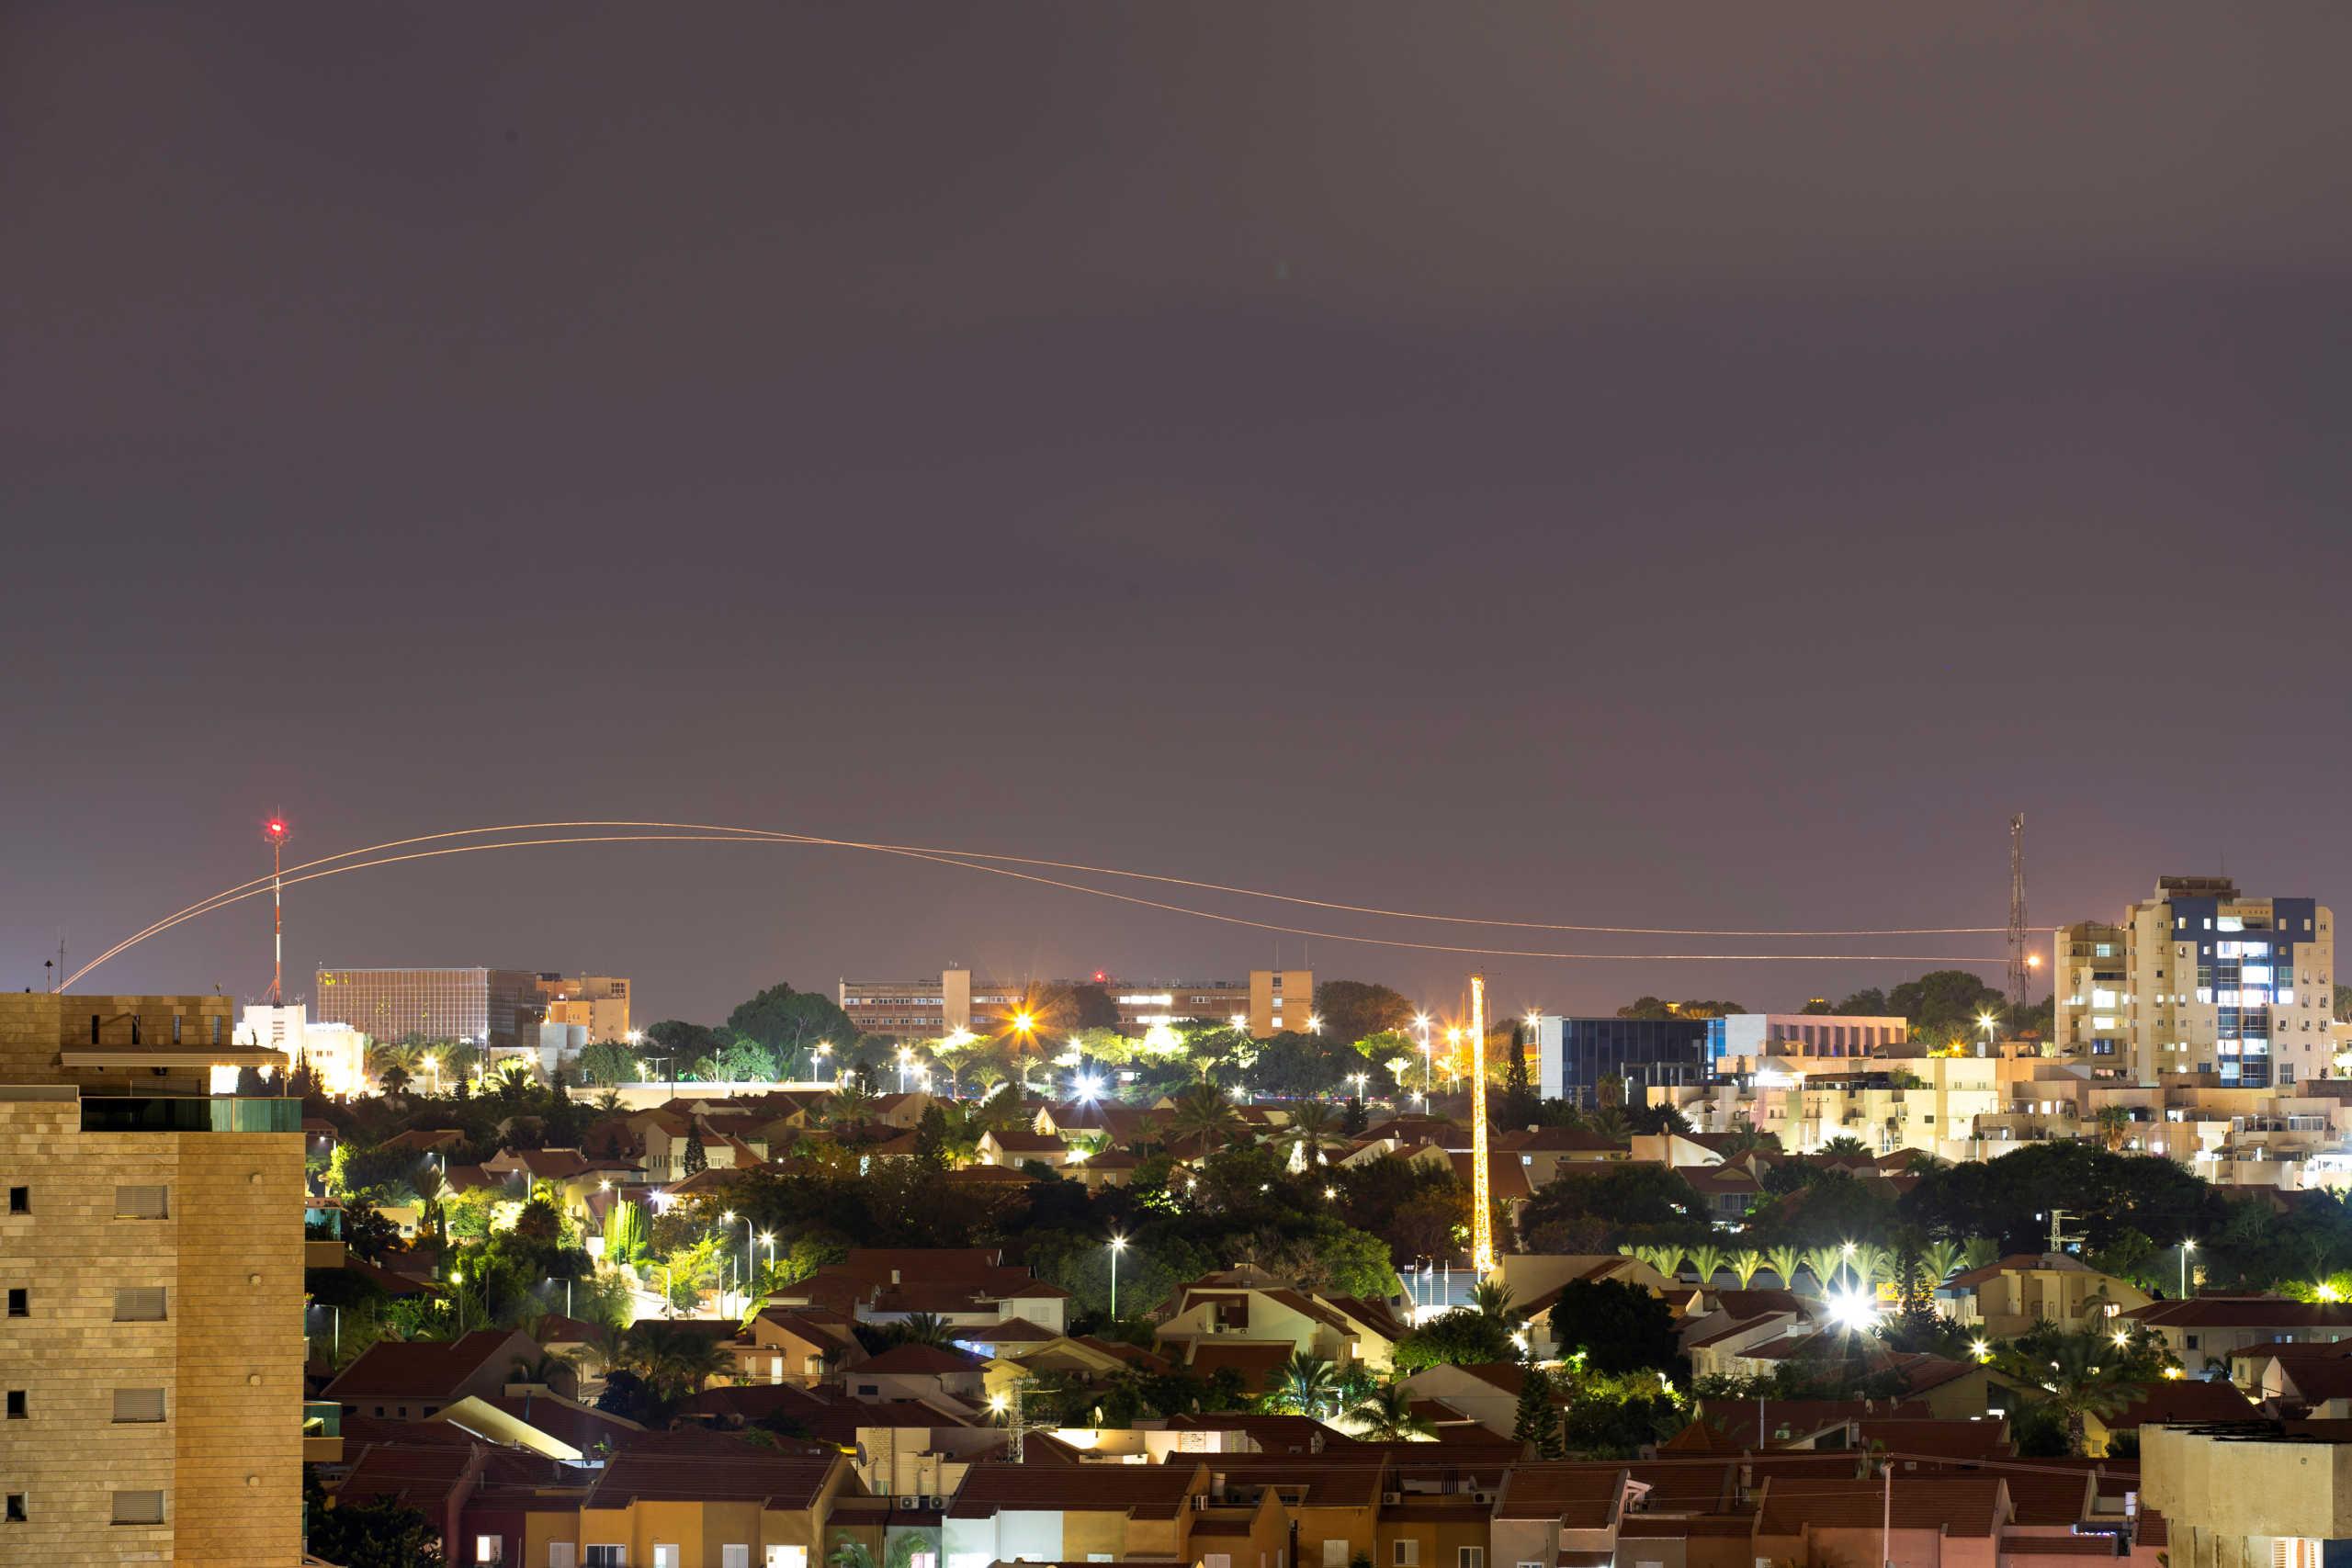 Νέα ένταση στη Γάζα: «Απαντούν» με βομβαρδισμούς στα… εκρηκτικά μπαλόνια